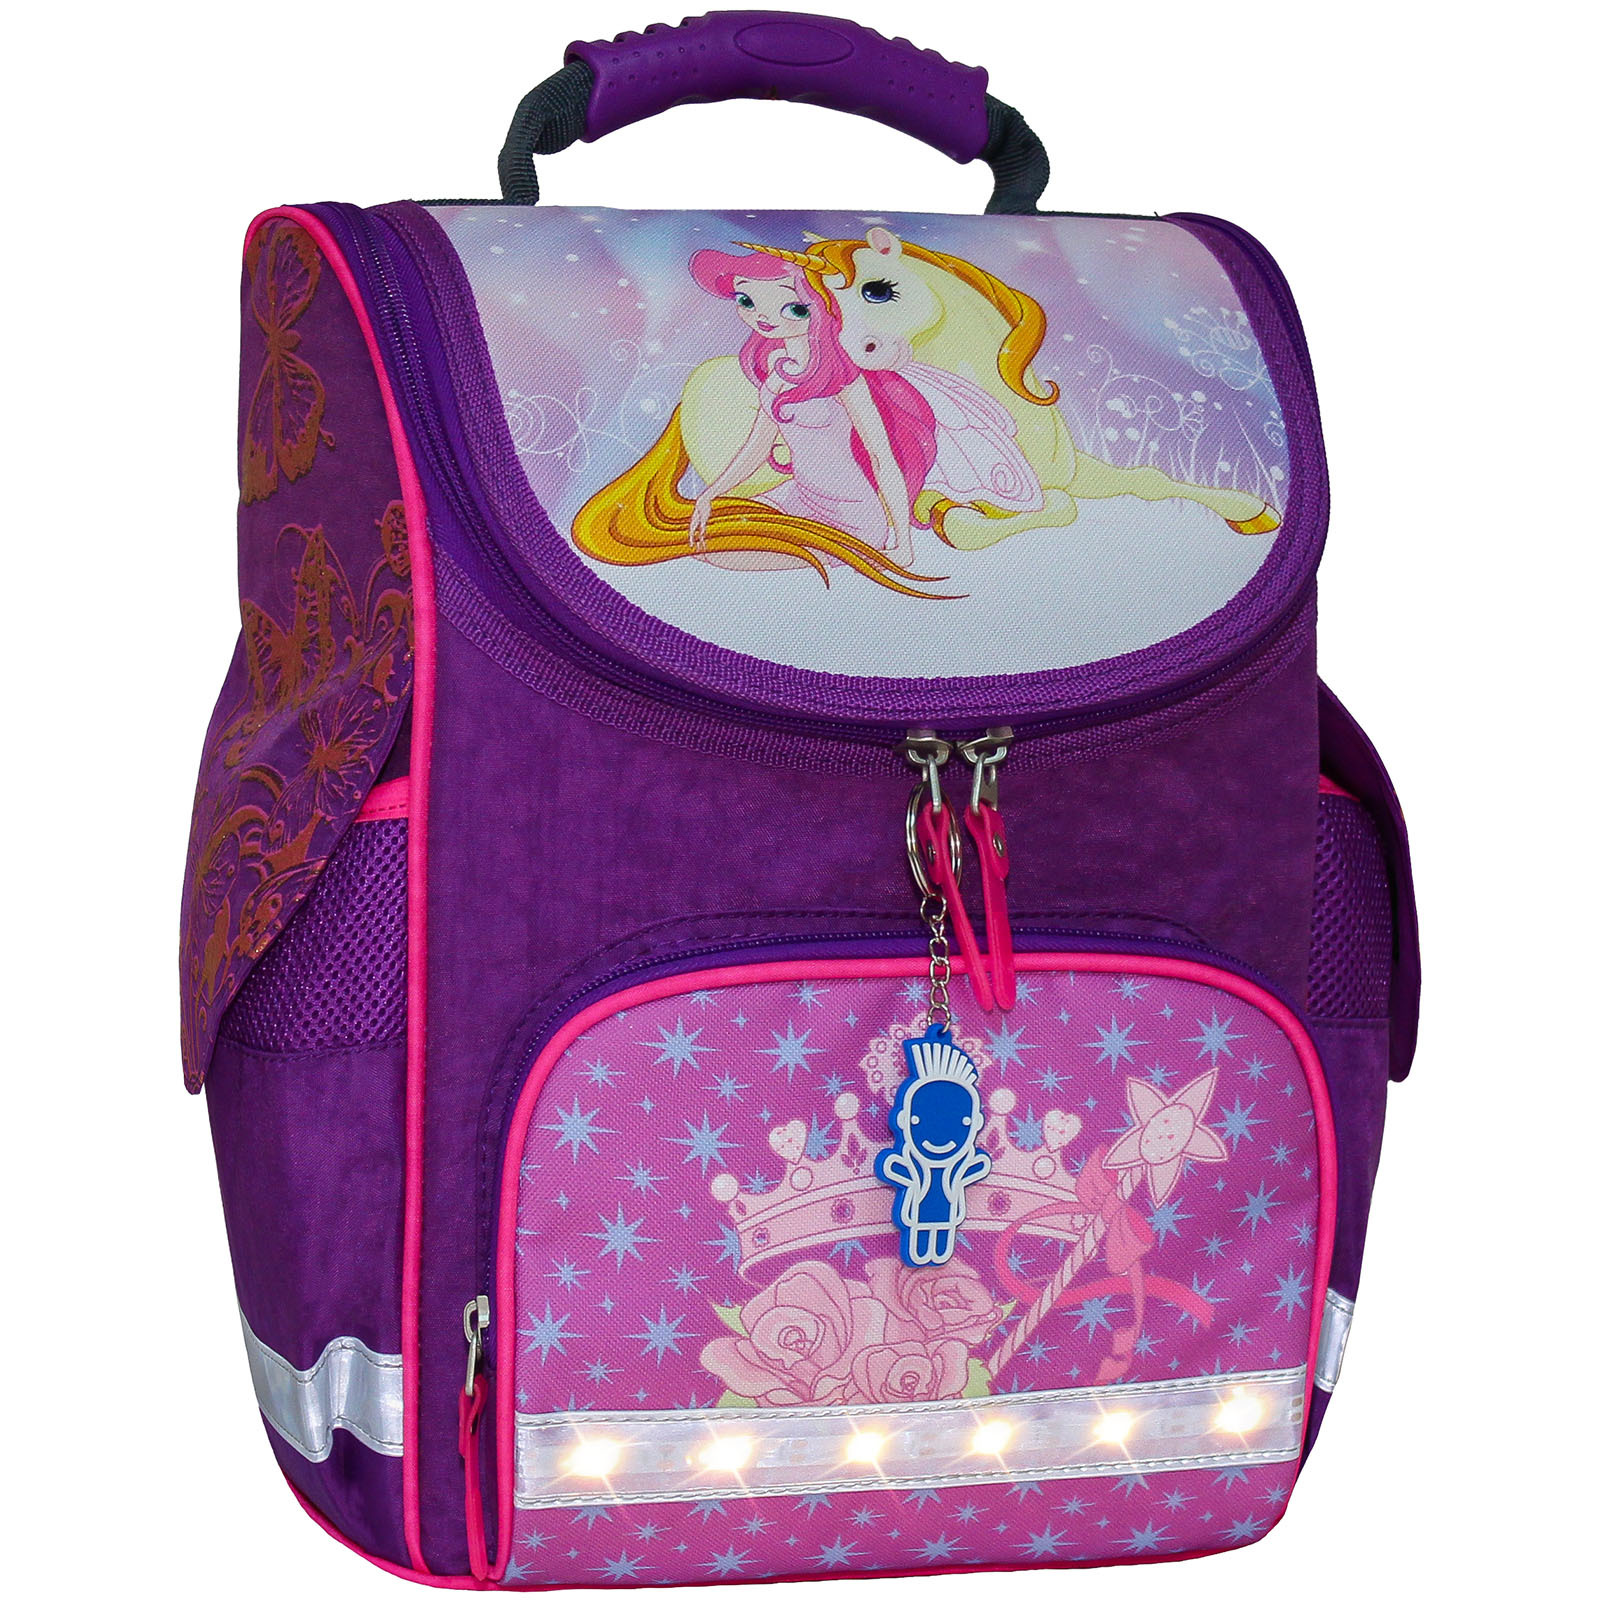 db5924b56a19 Рюкзак школьный каркасный с фонариками Bagland Успех 12 л. фиолетовый 387 ( 00551703)